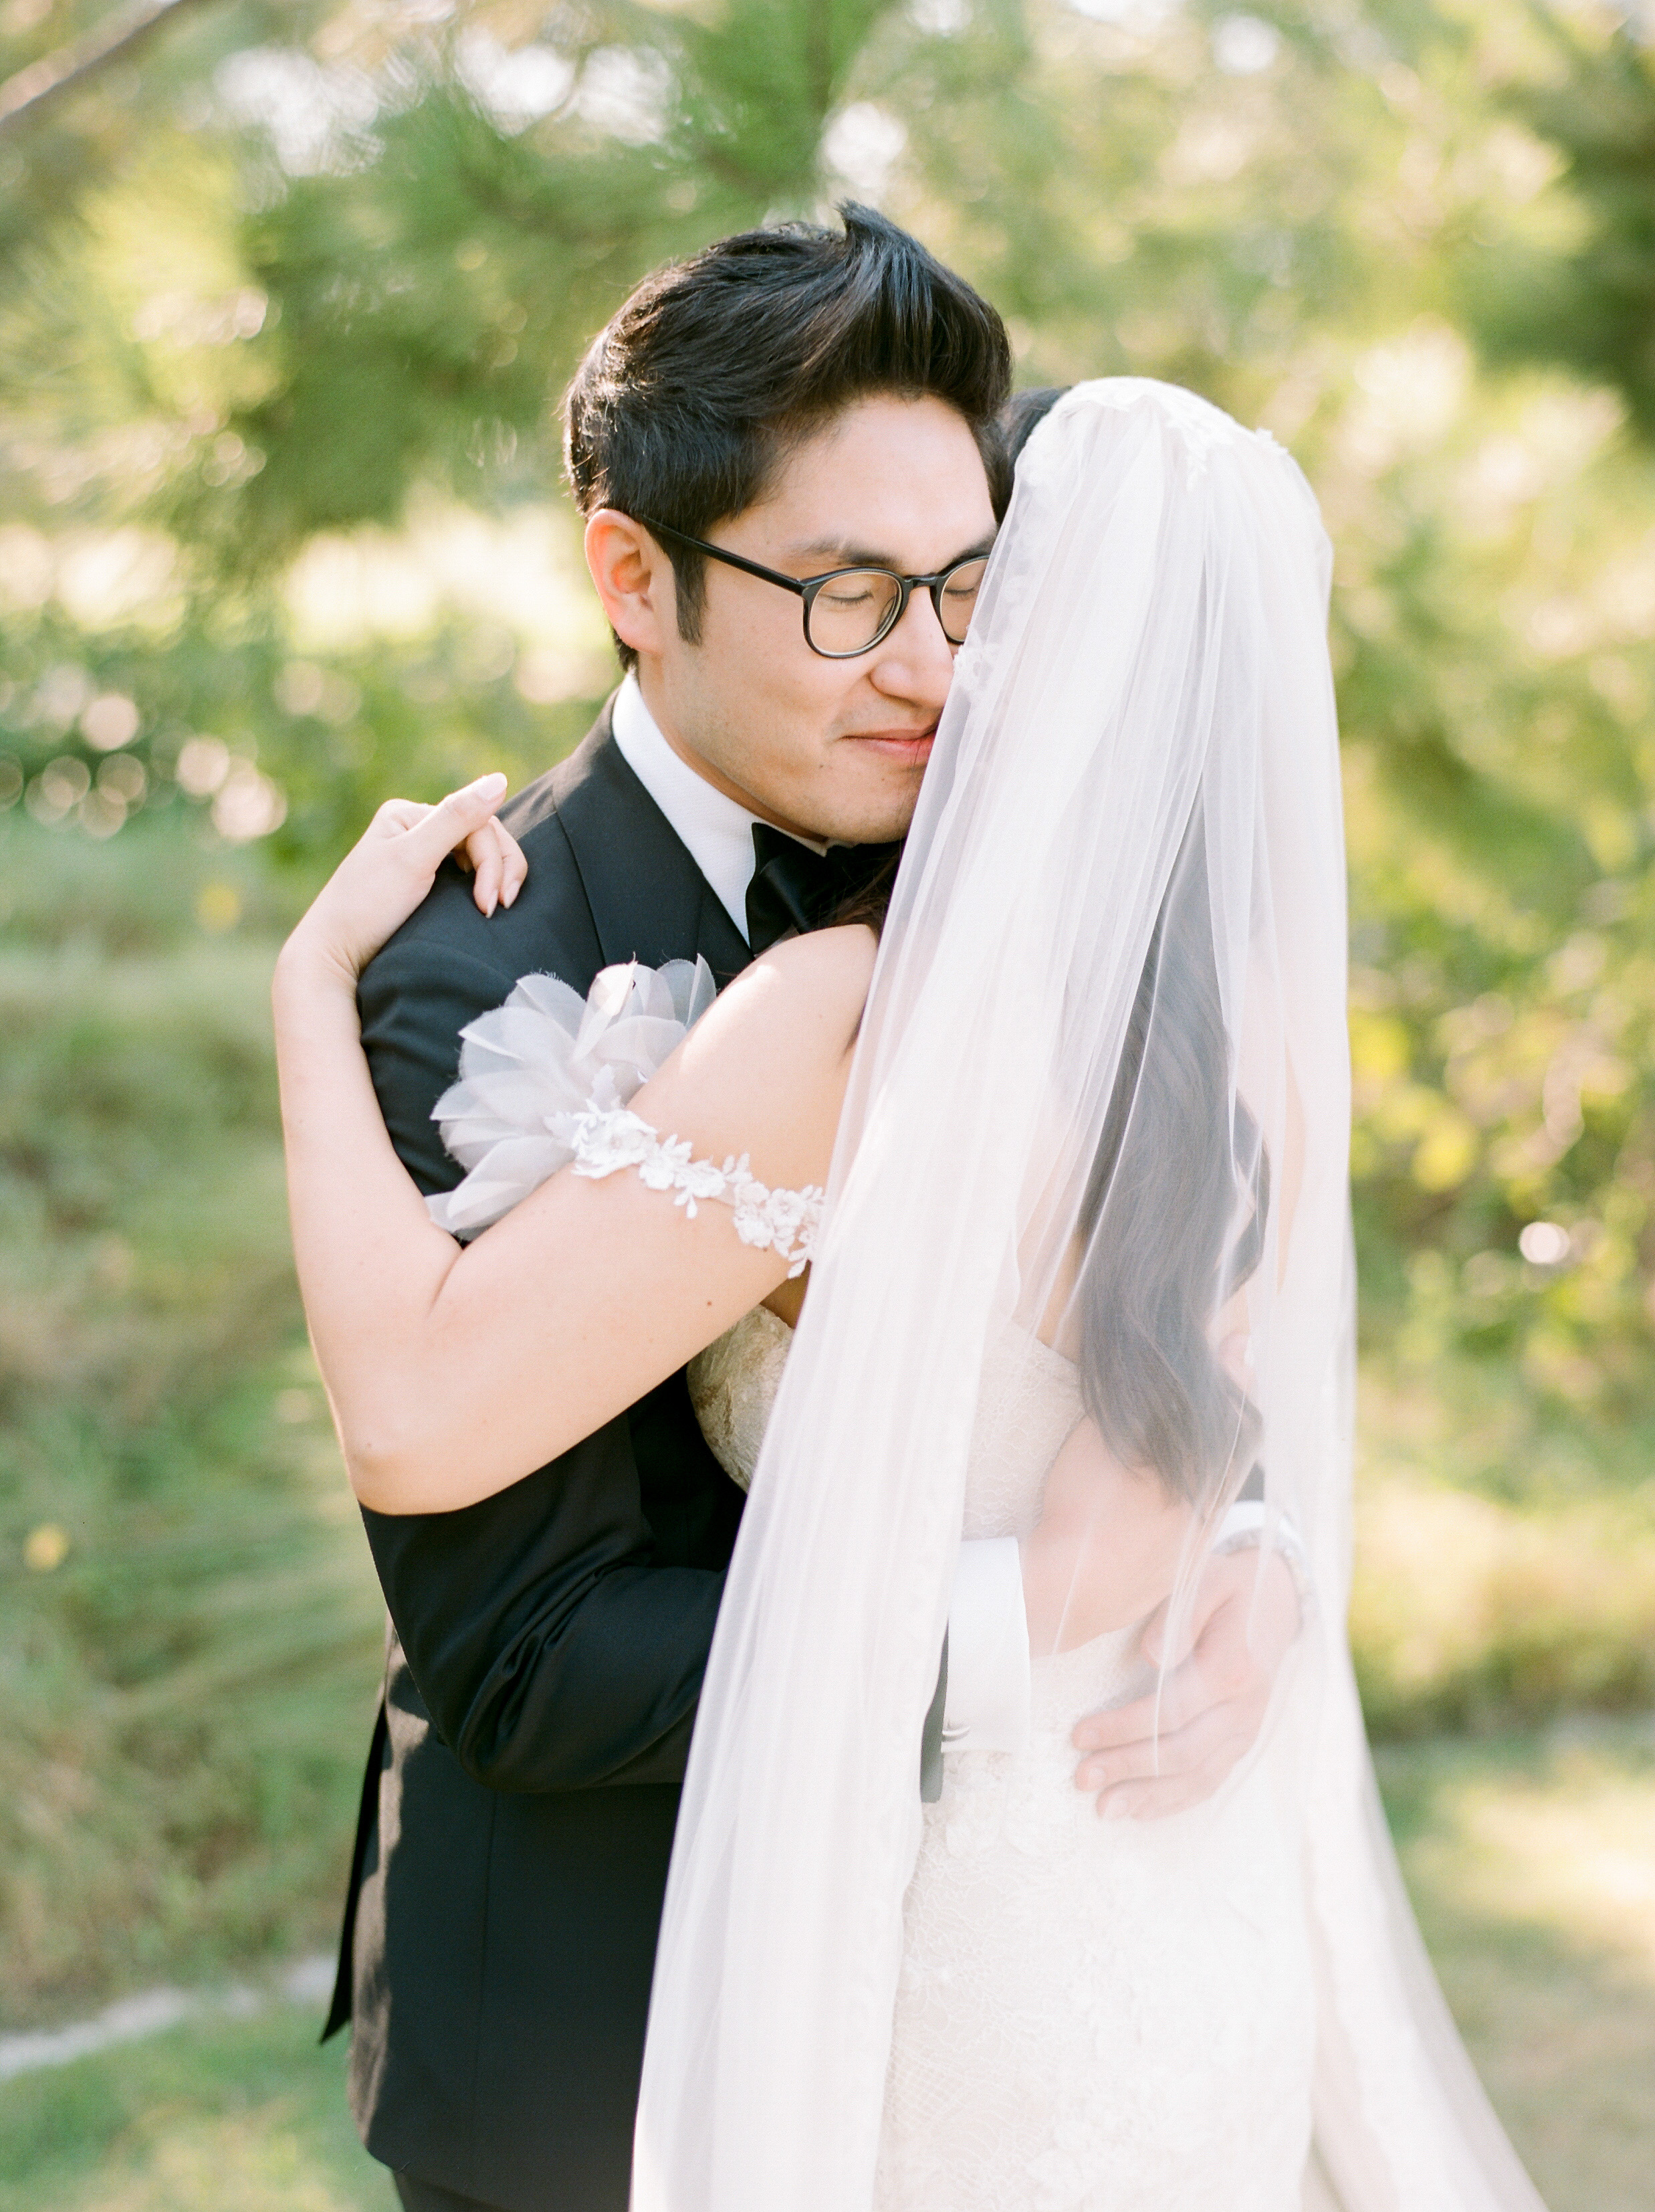 texas wedding first look hug